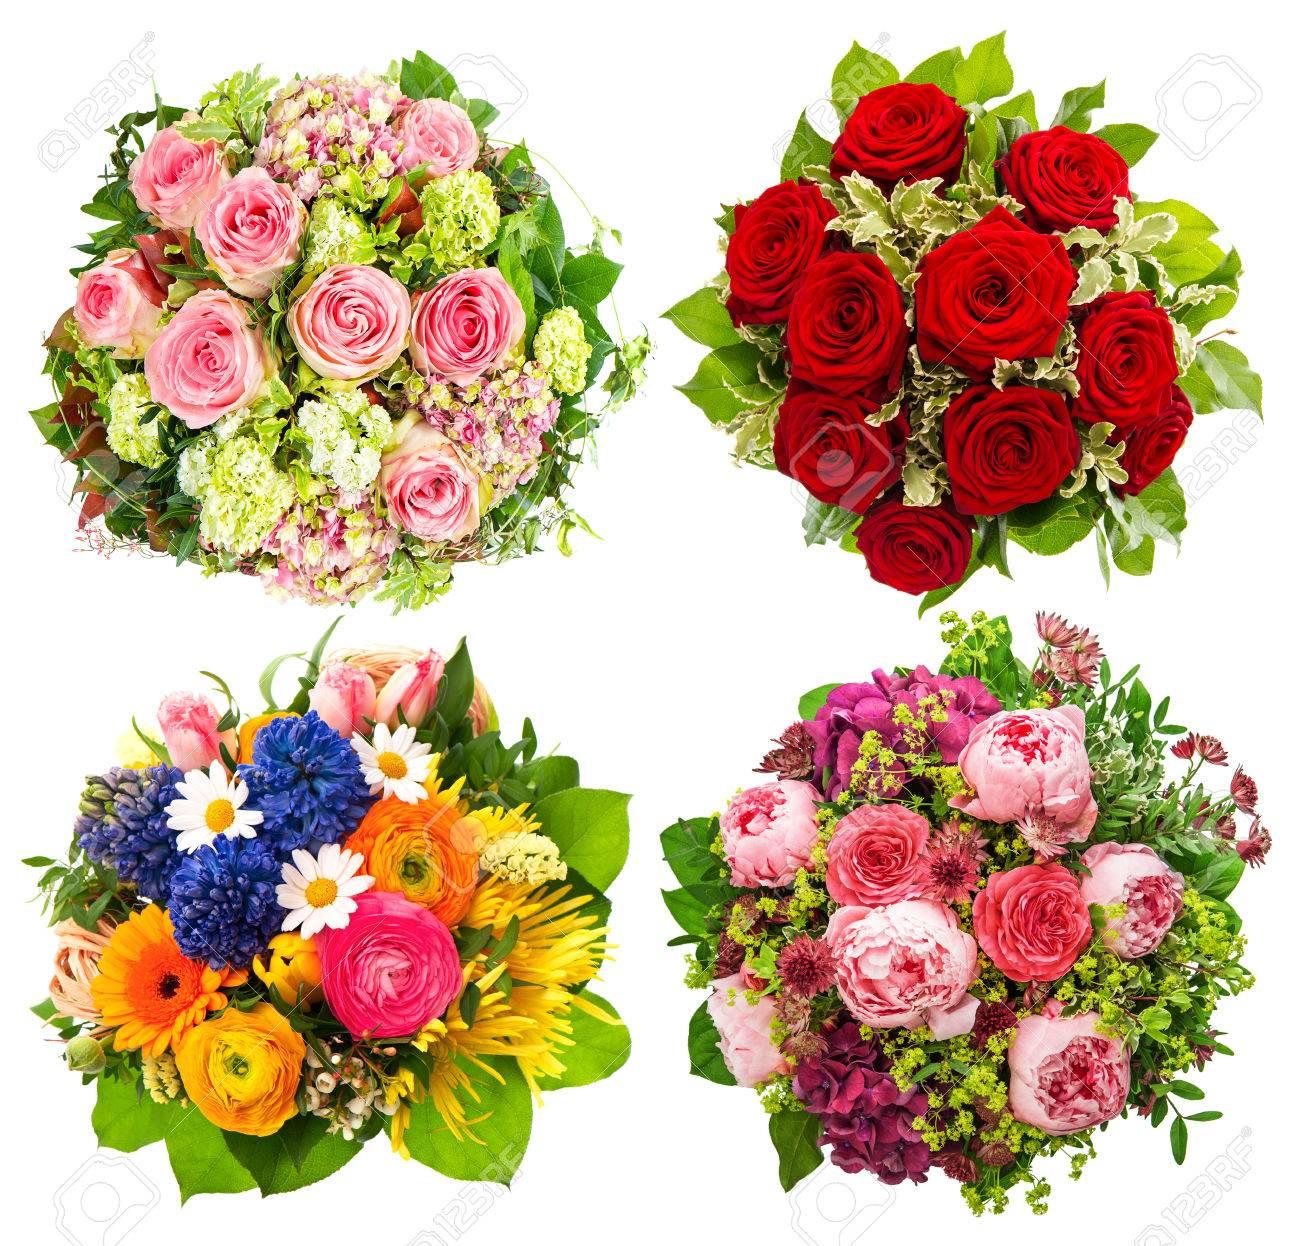 Quatre Fleurs Colorées Bouquet Pour Lanniversaire Mariage Fête Des Mères Pâques Fêtes Et évènements De La Vie